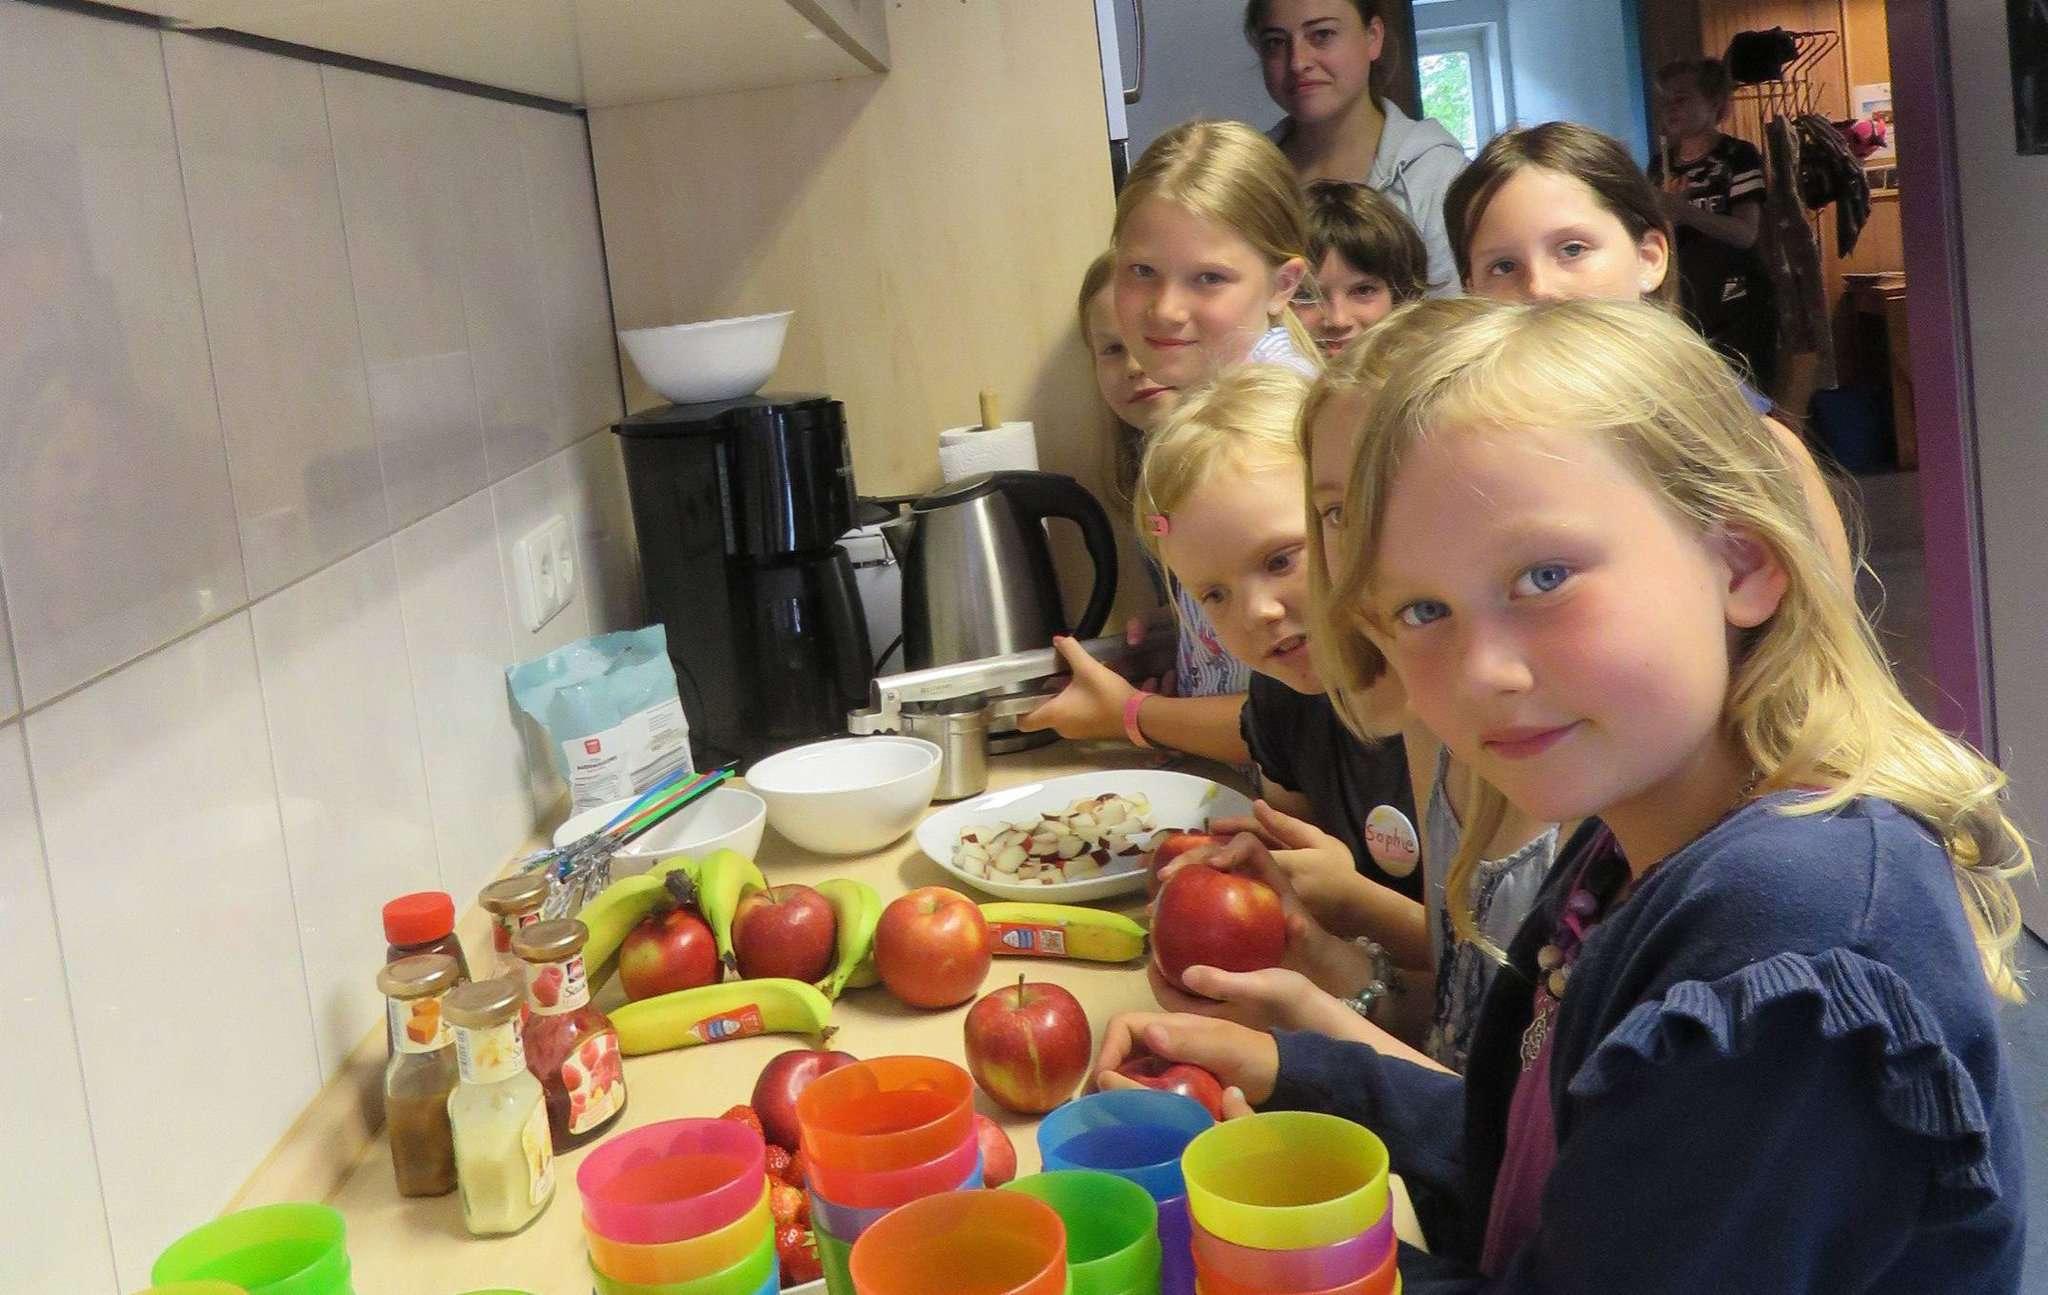 Die Kinder bereiteten frische Früchte für ihr selbstgemachtes Spaghettieis vor. Foto: Elke Keppler-Rosenau